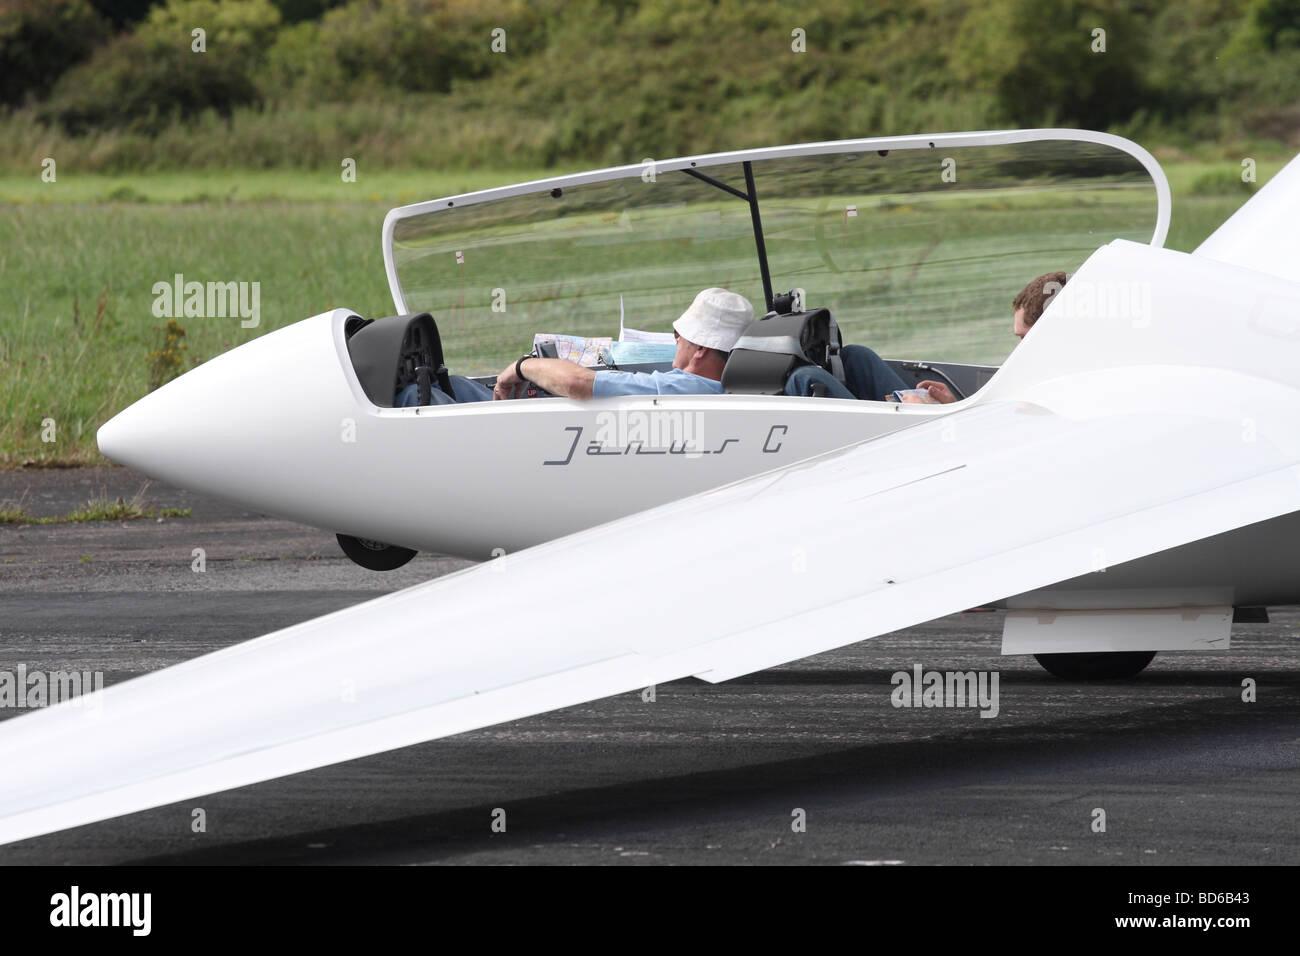 cockpit a glider stockfotos cockpit a glider bilder alamy